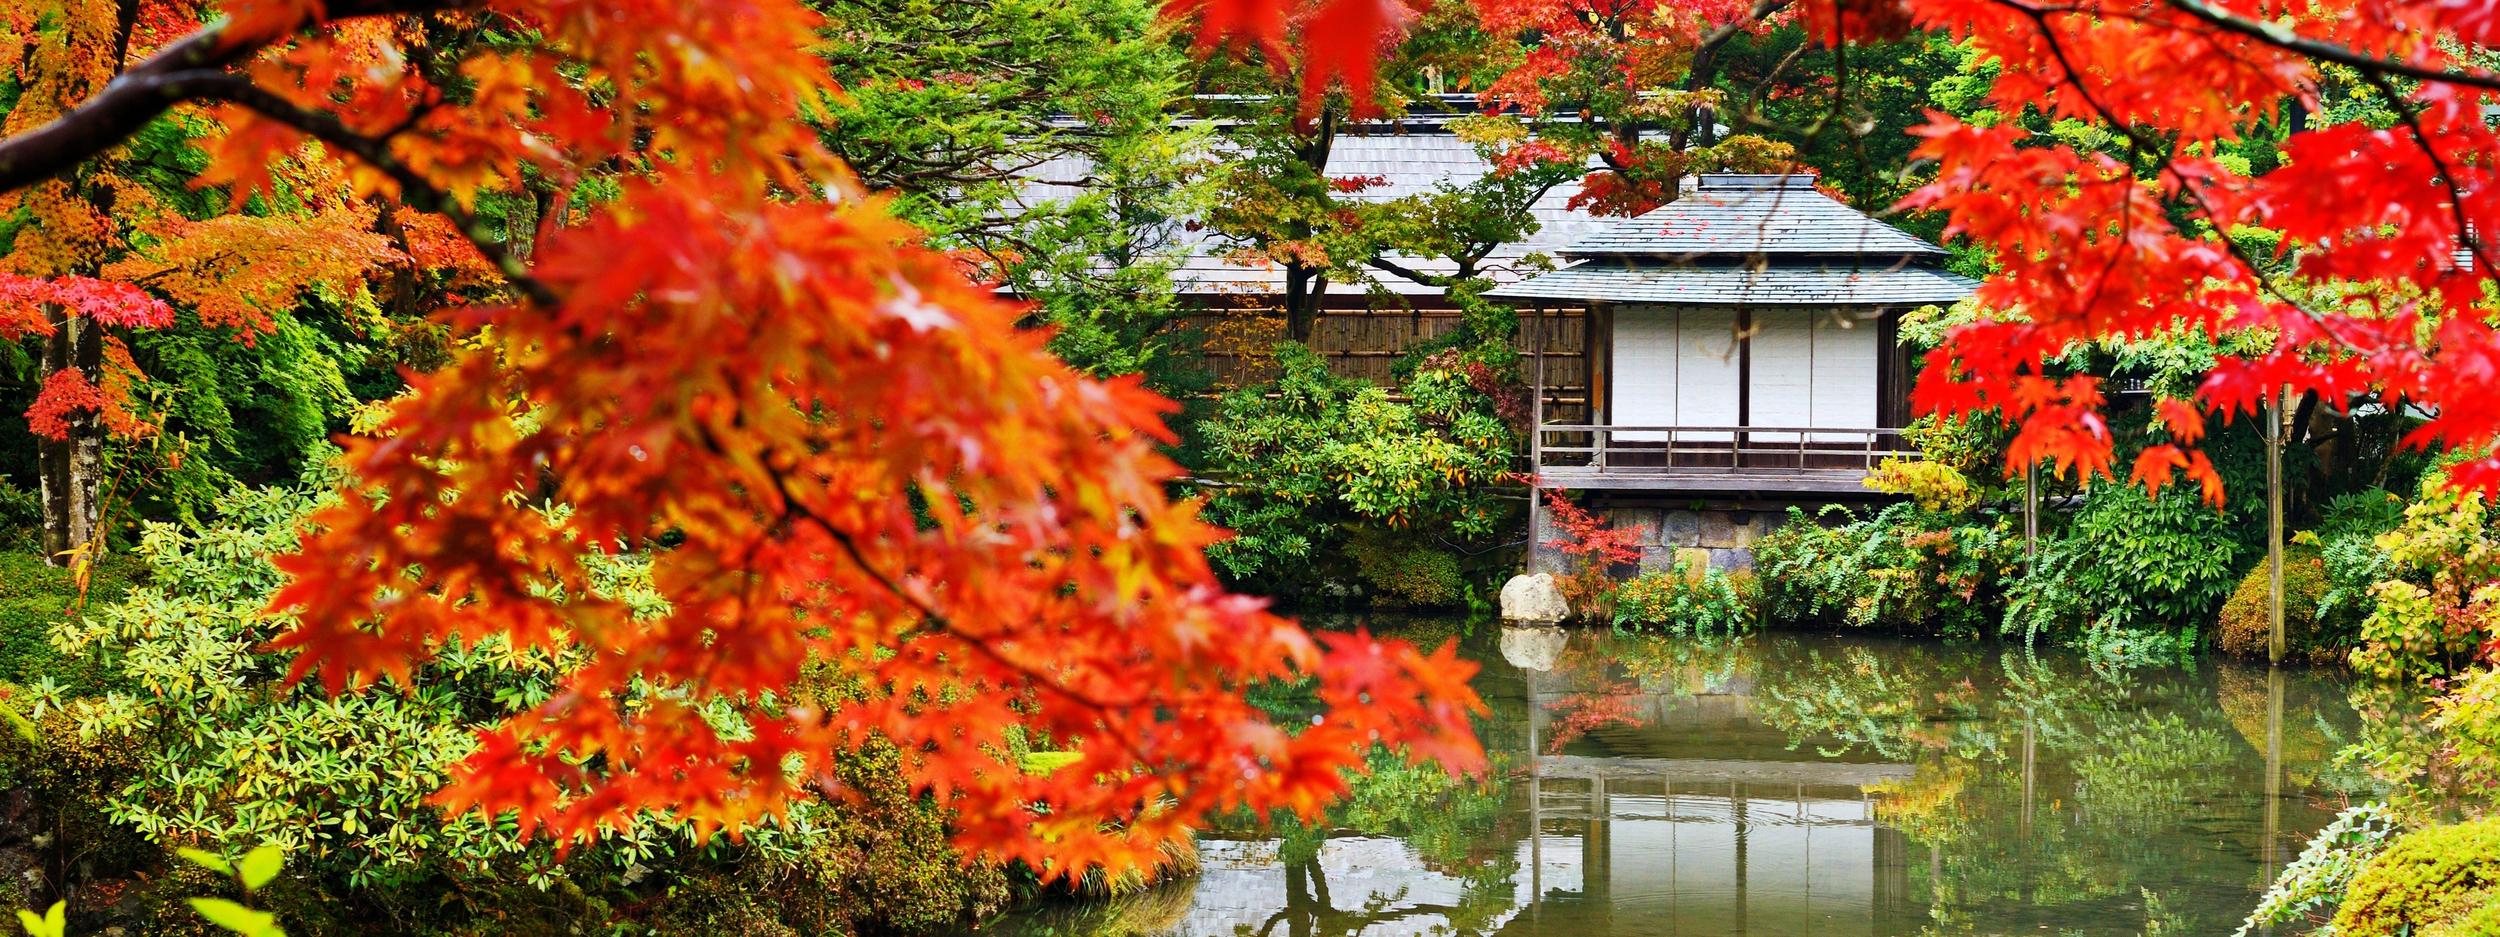 bigstock-Japanese-garden-in-Nikko-Japa-48490097 copy.jpg